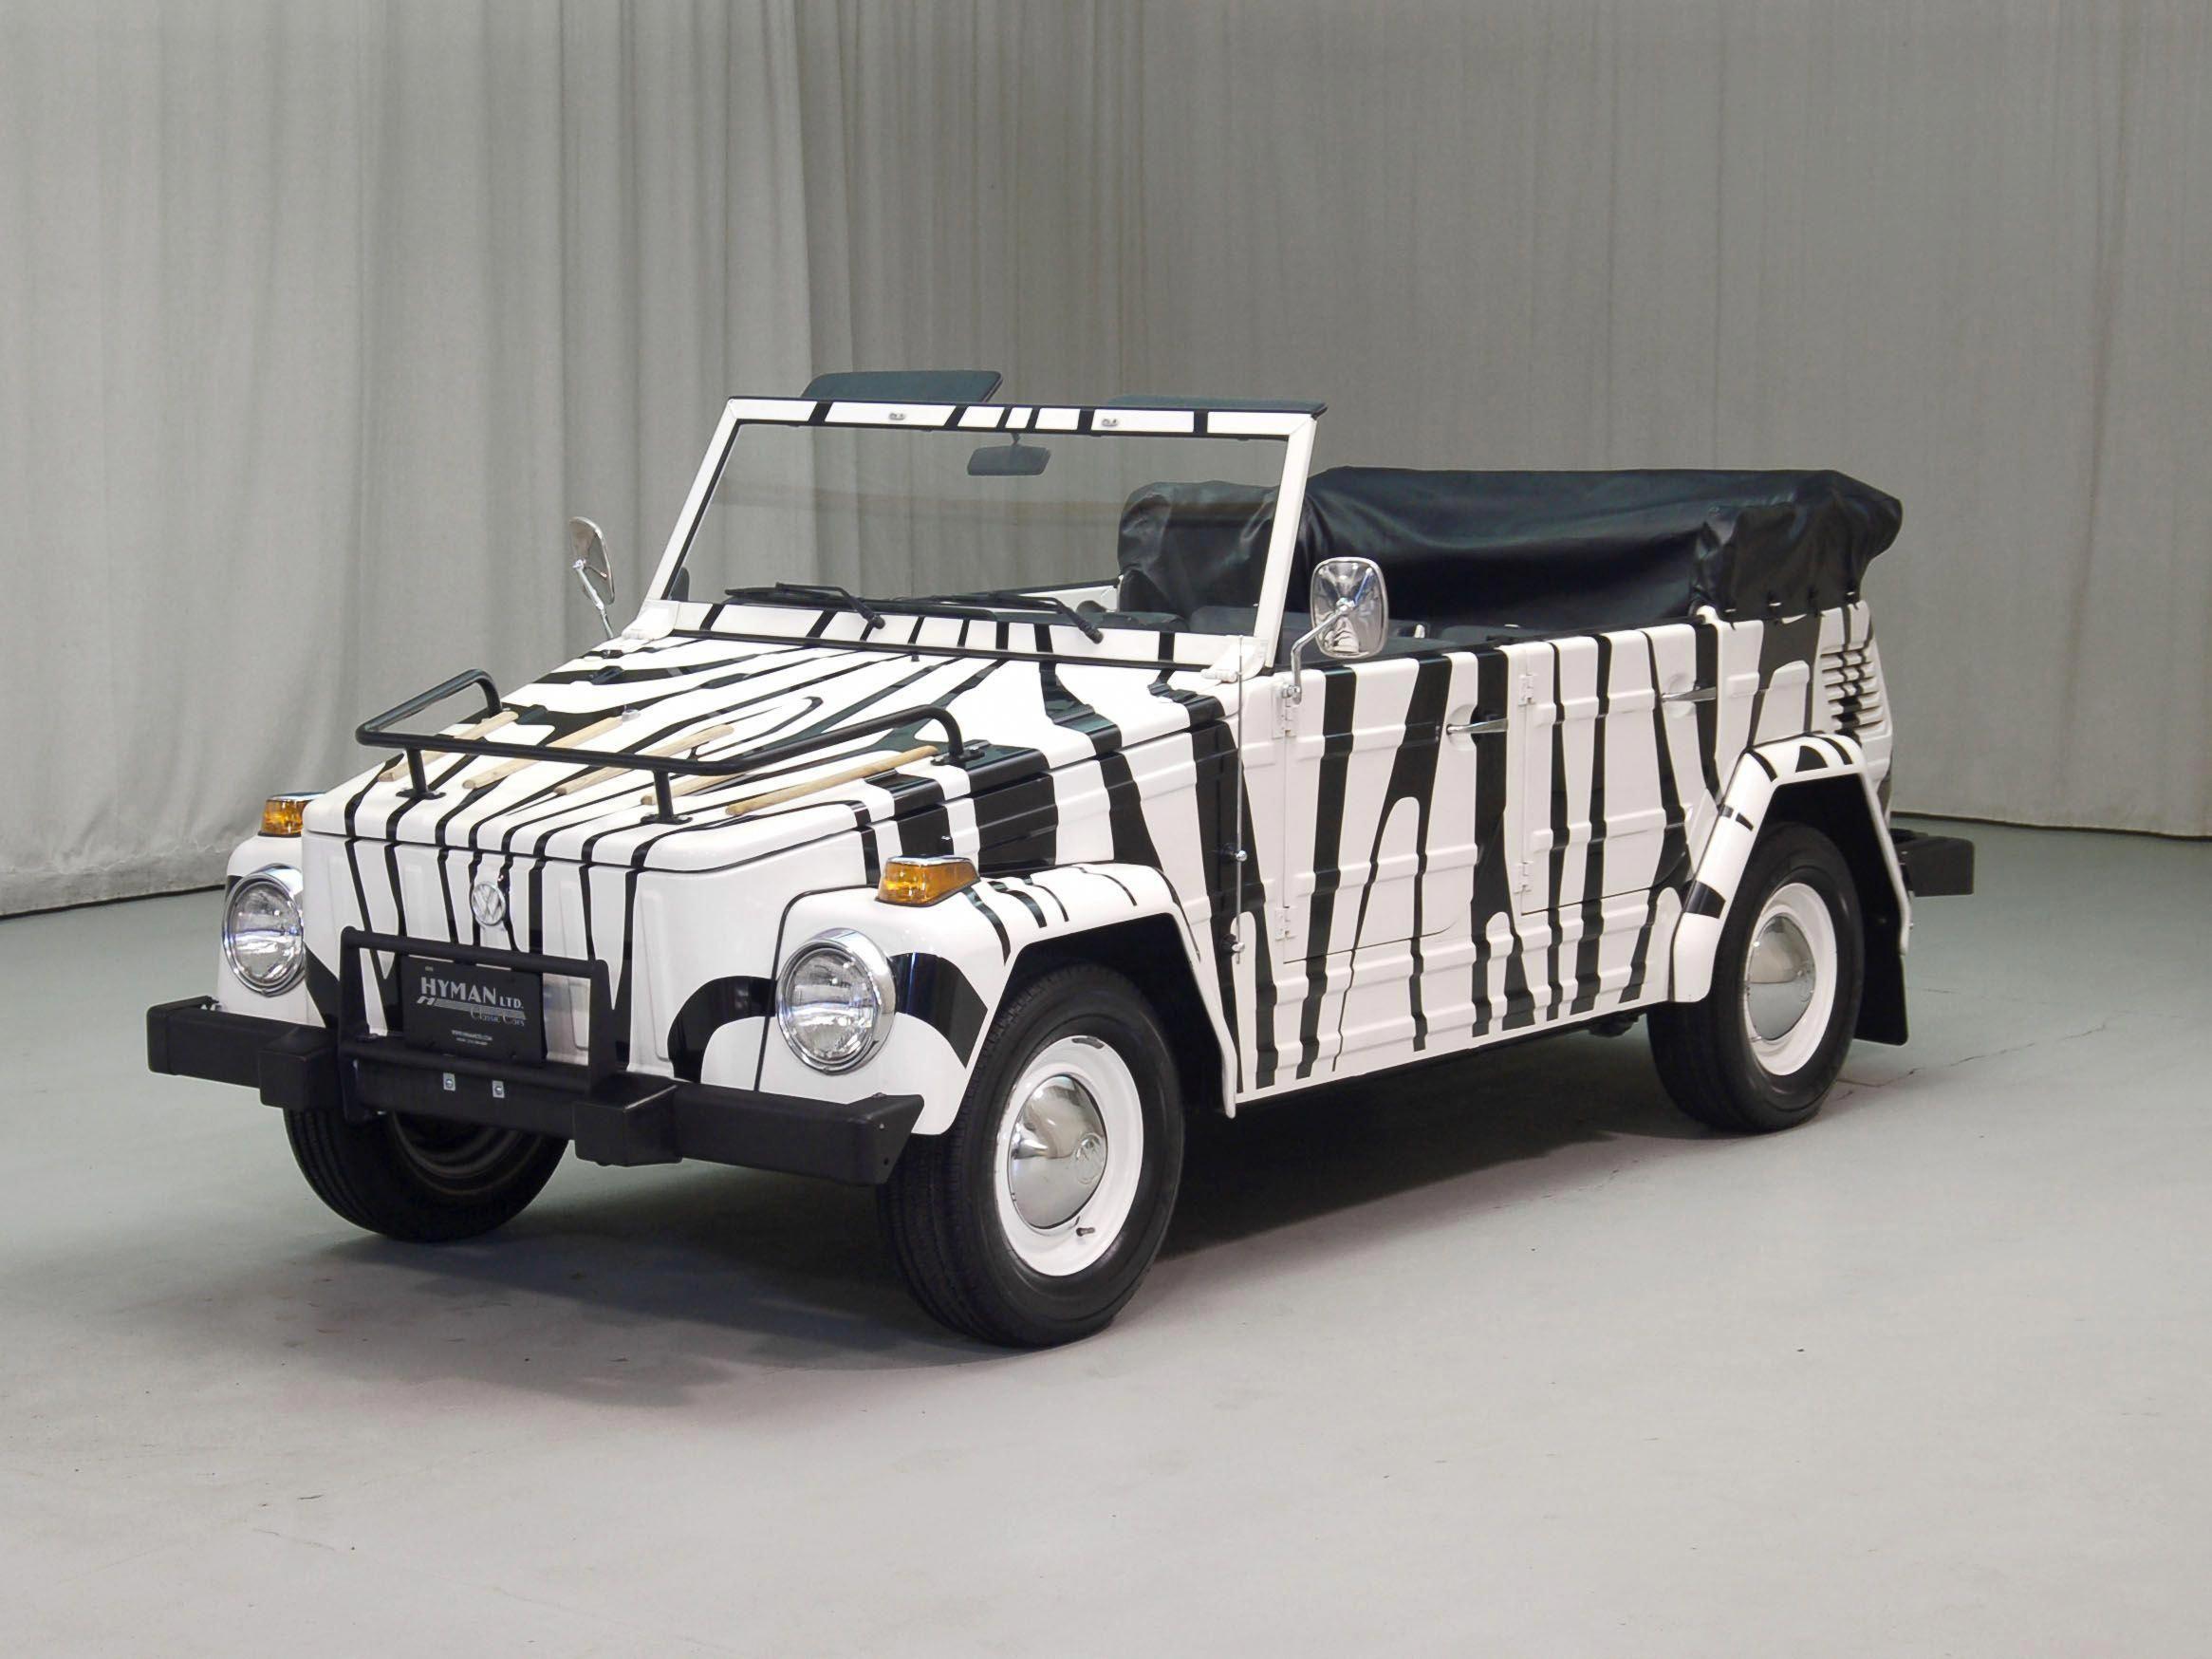 1973s zebra Volkswagen Type 181 (curiosity this car is